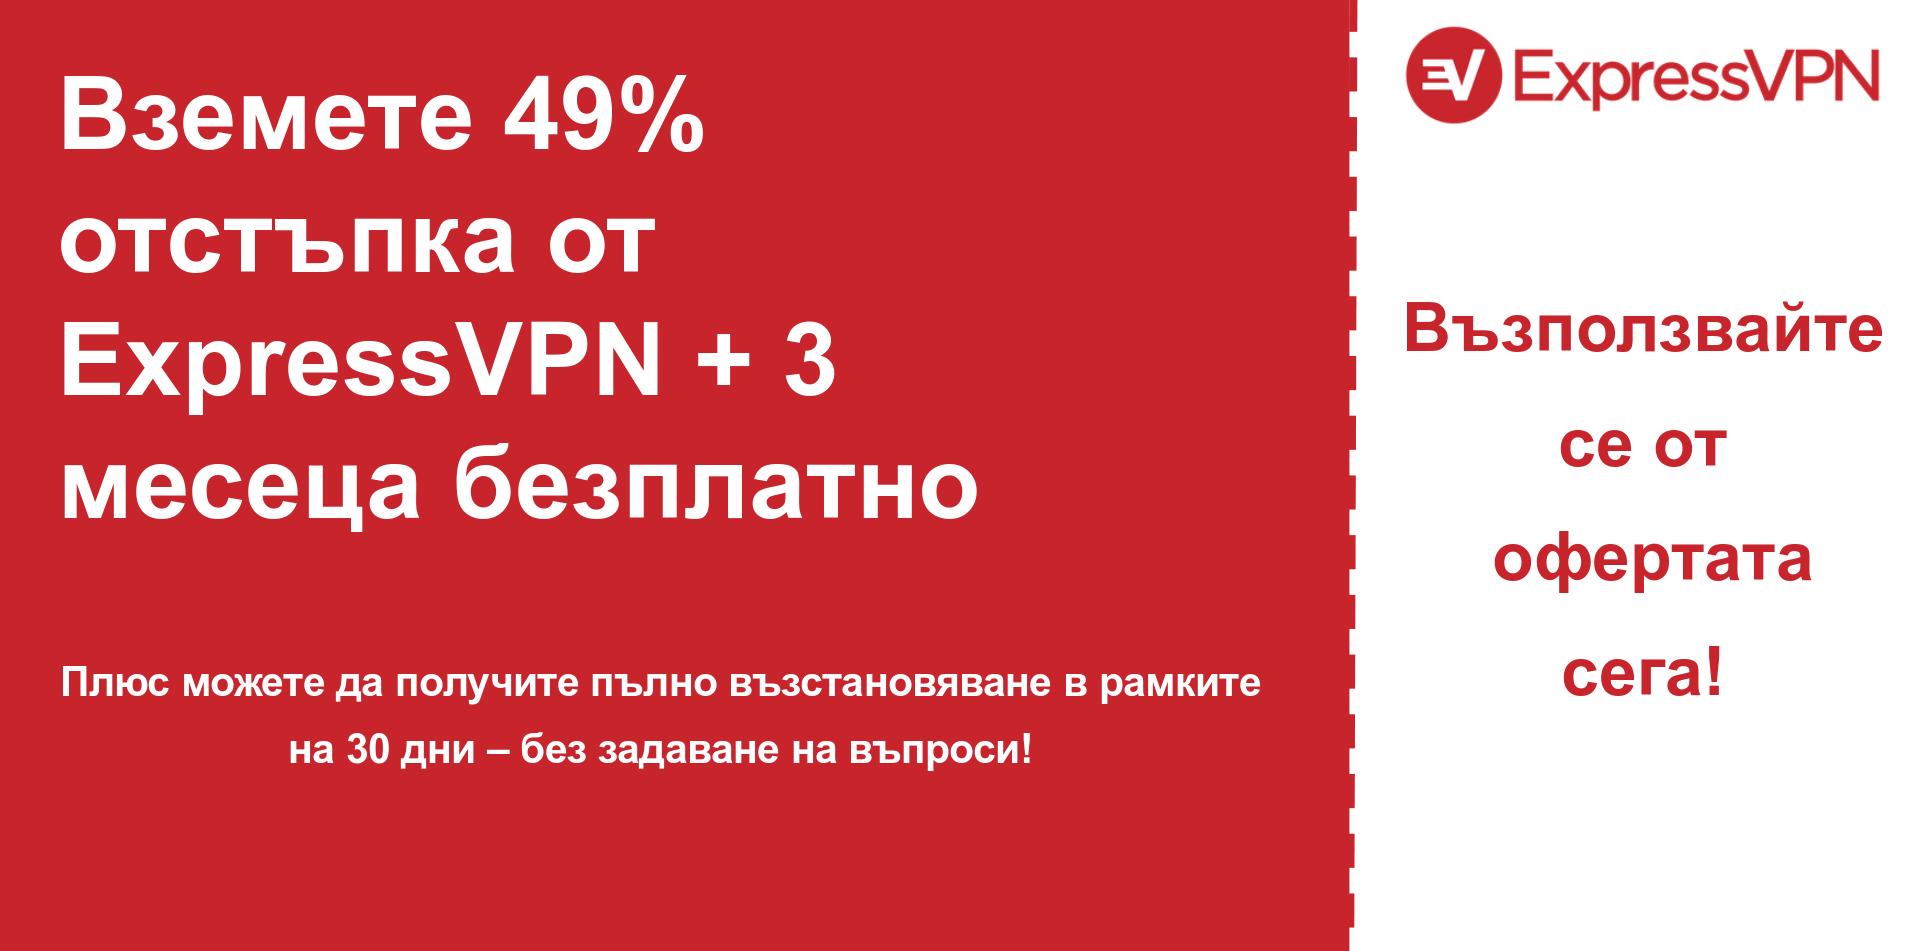 графика на банера на основния купон на ExpressVPN, показващ 49% отстъпка